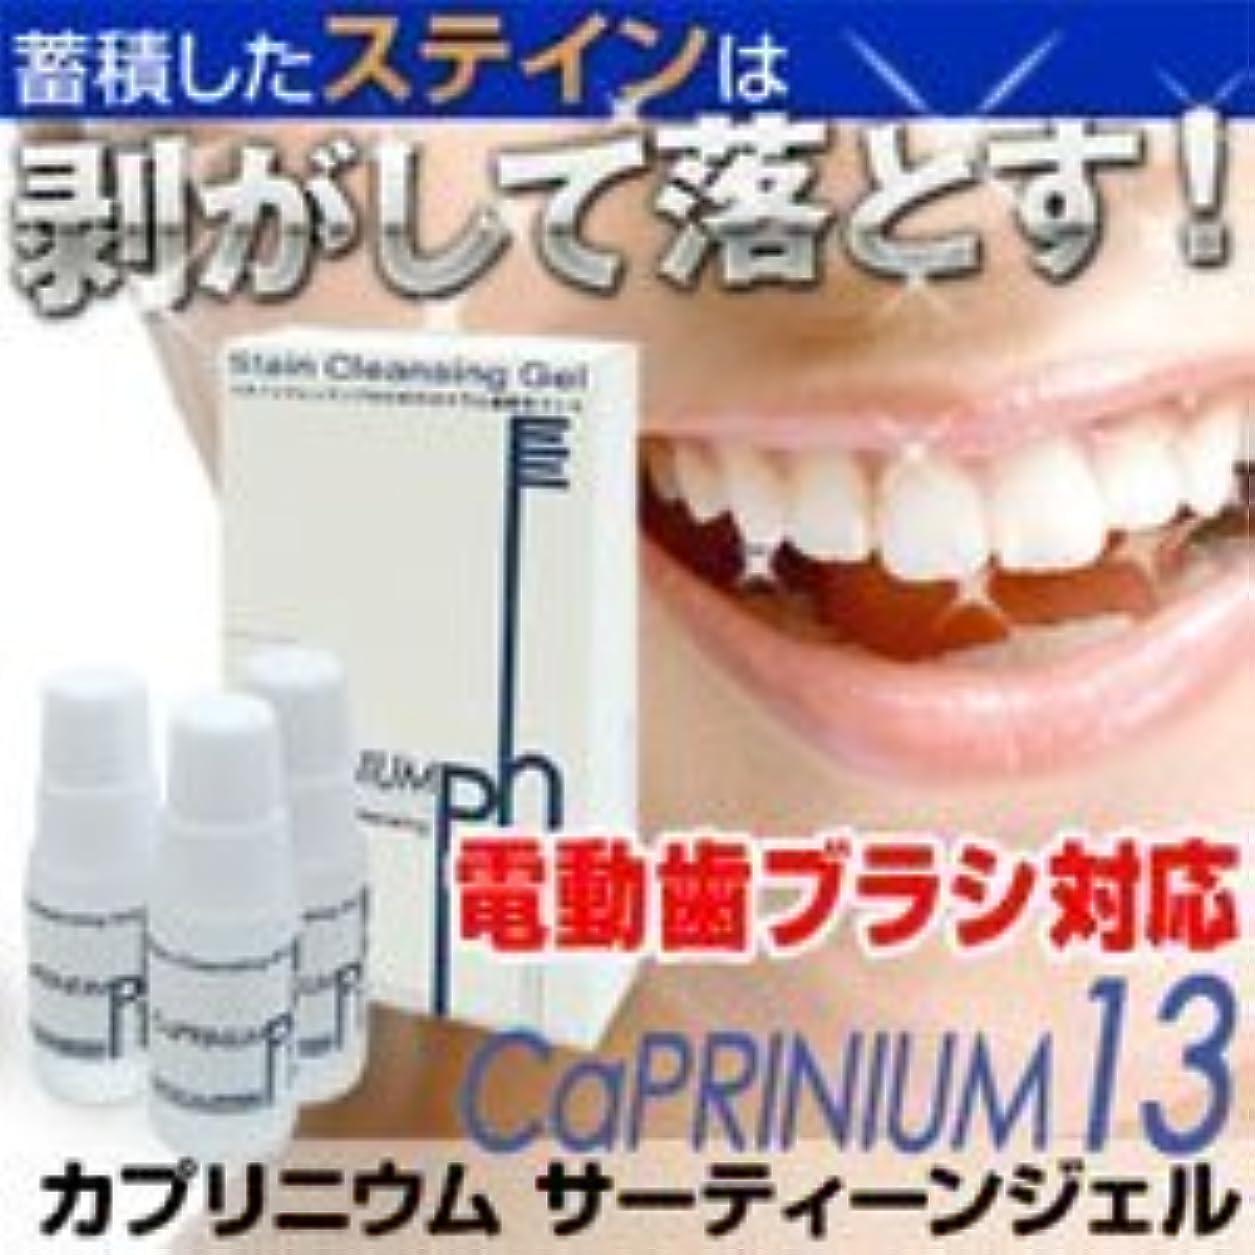 カプリジェル(カプリニウムサーティーンジェル)10g×3個(1か月分) 電動歯ブラシ対応歯磨きジェル